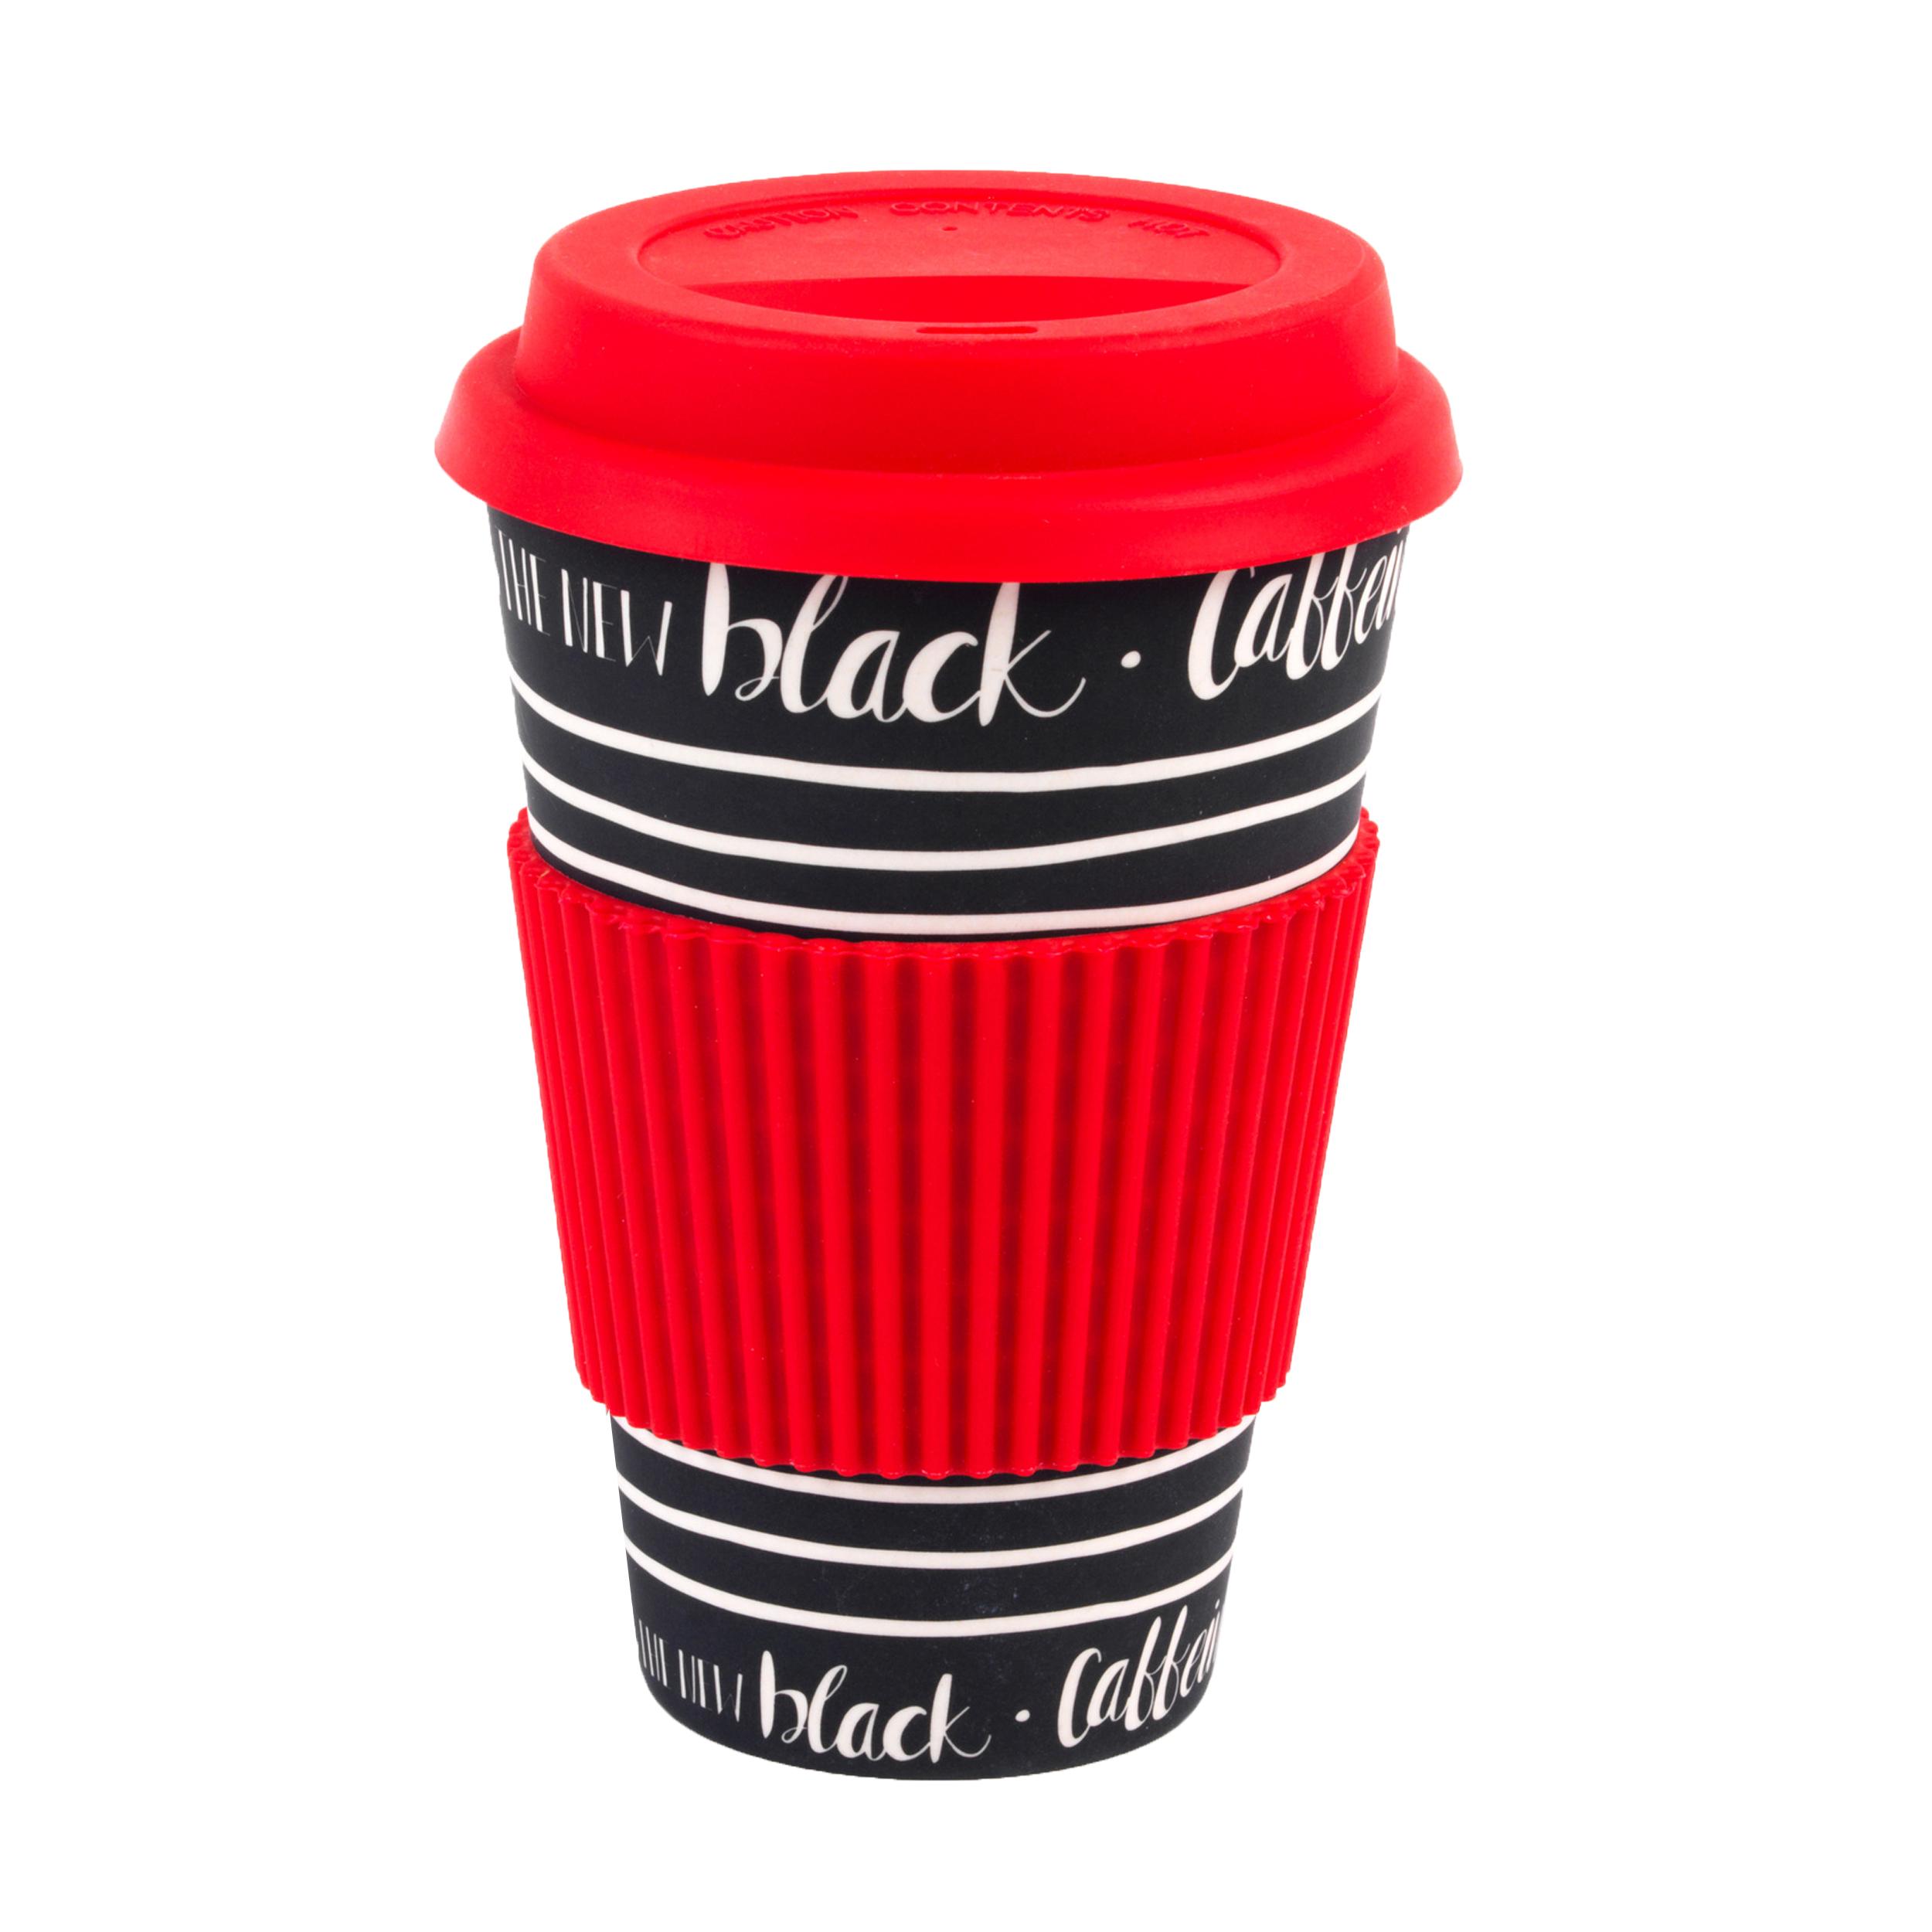 Cambridge Cm05512 Caffeine Is The New Black Reusable Durable Travel Mug Mugs No1brands4you